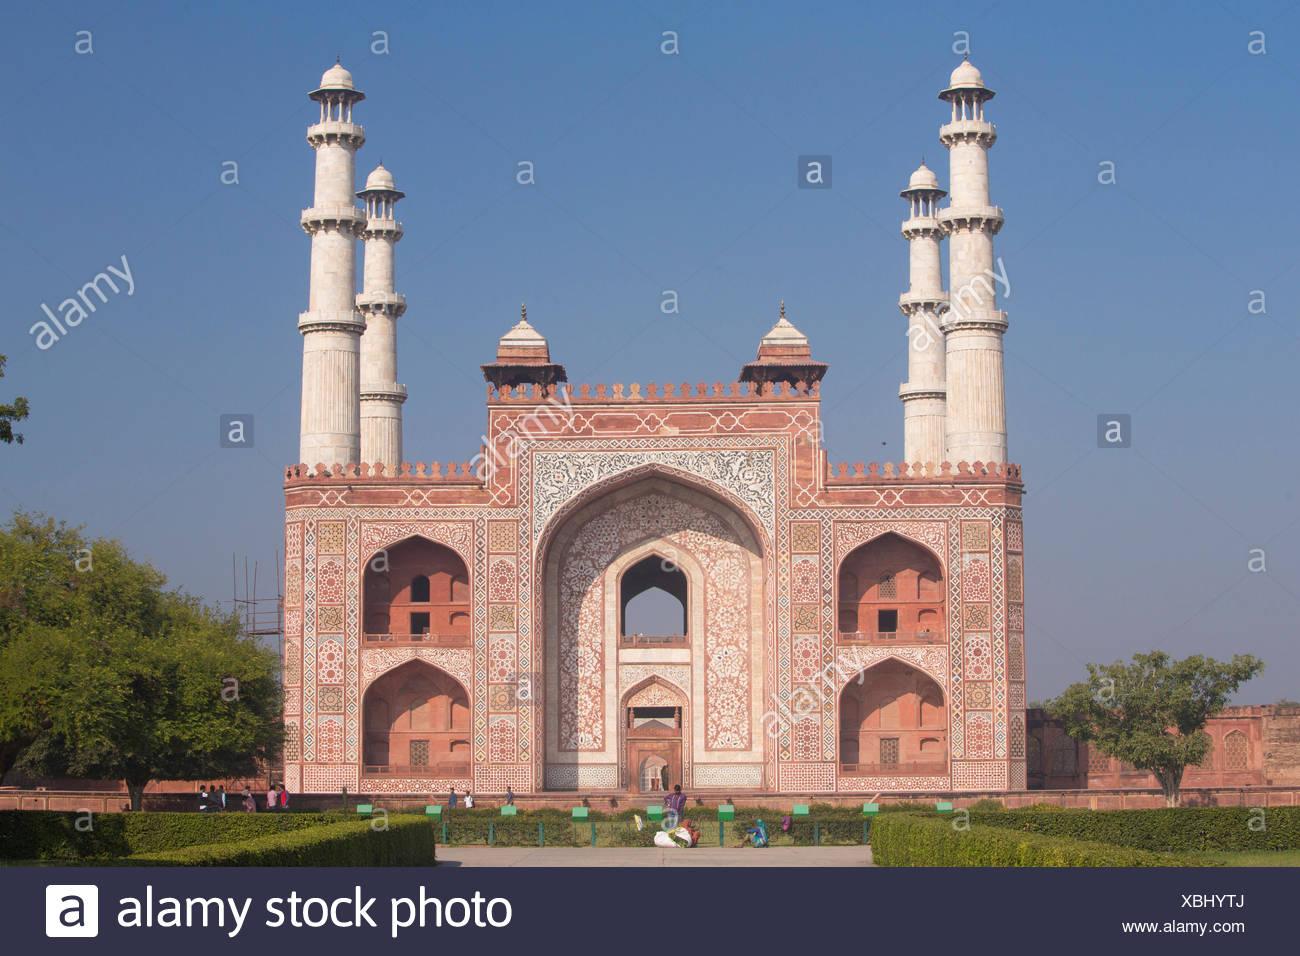 Tumba, Sikandra, Agra, Uttar Pradesh, torres, religión, Asia Imagen De Stock